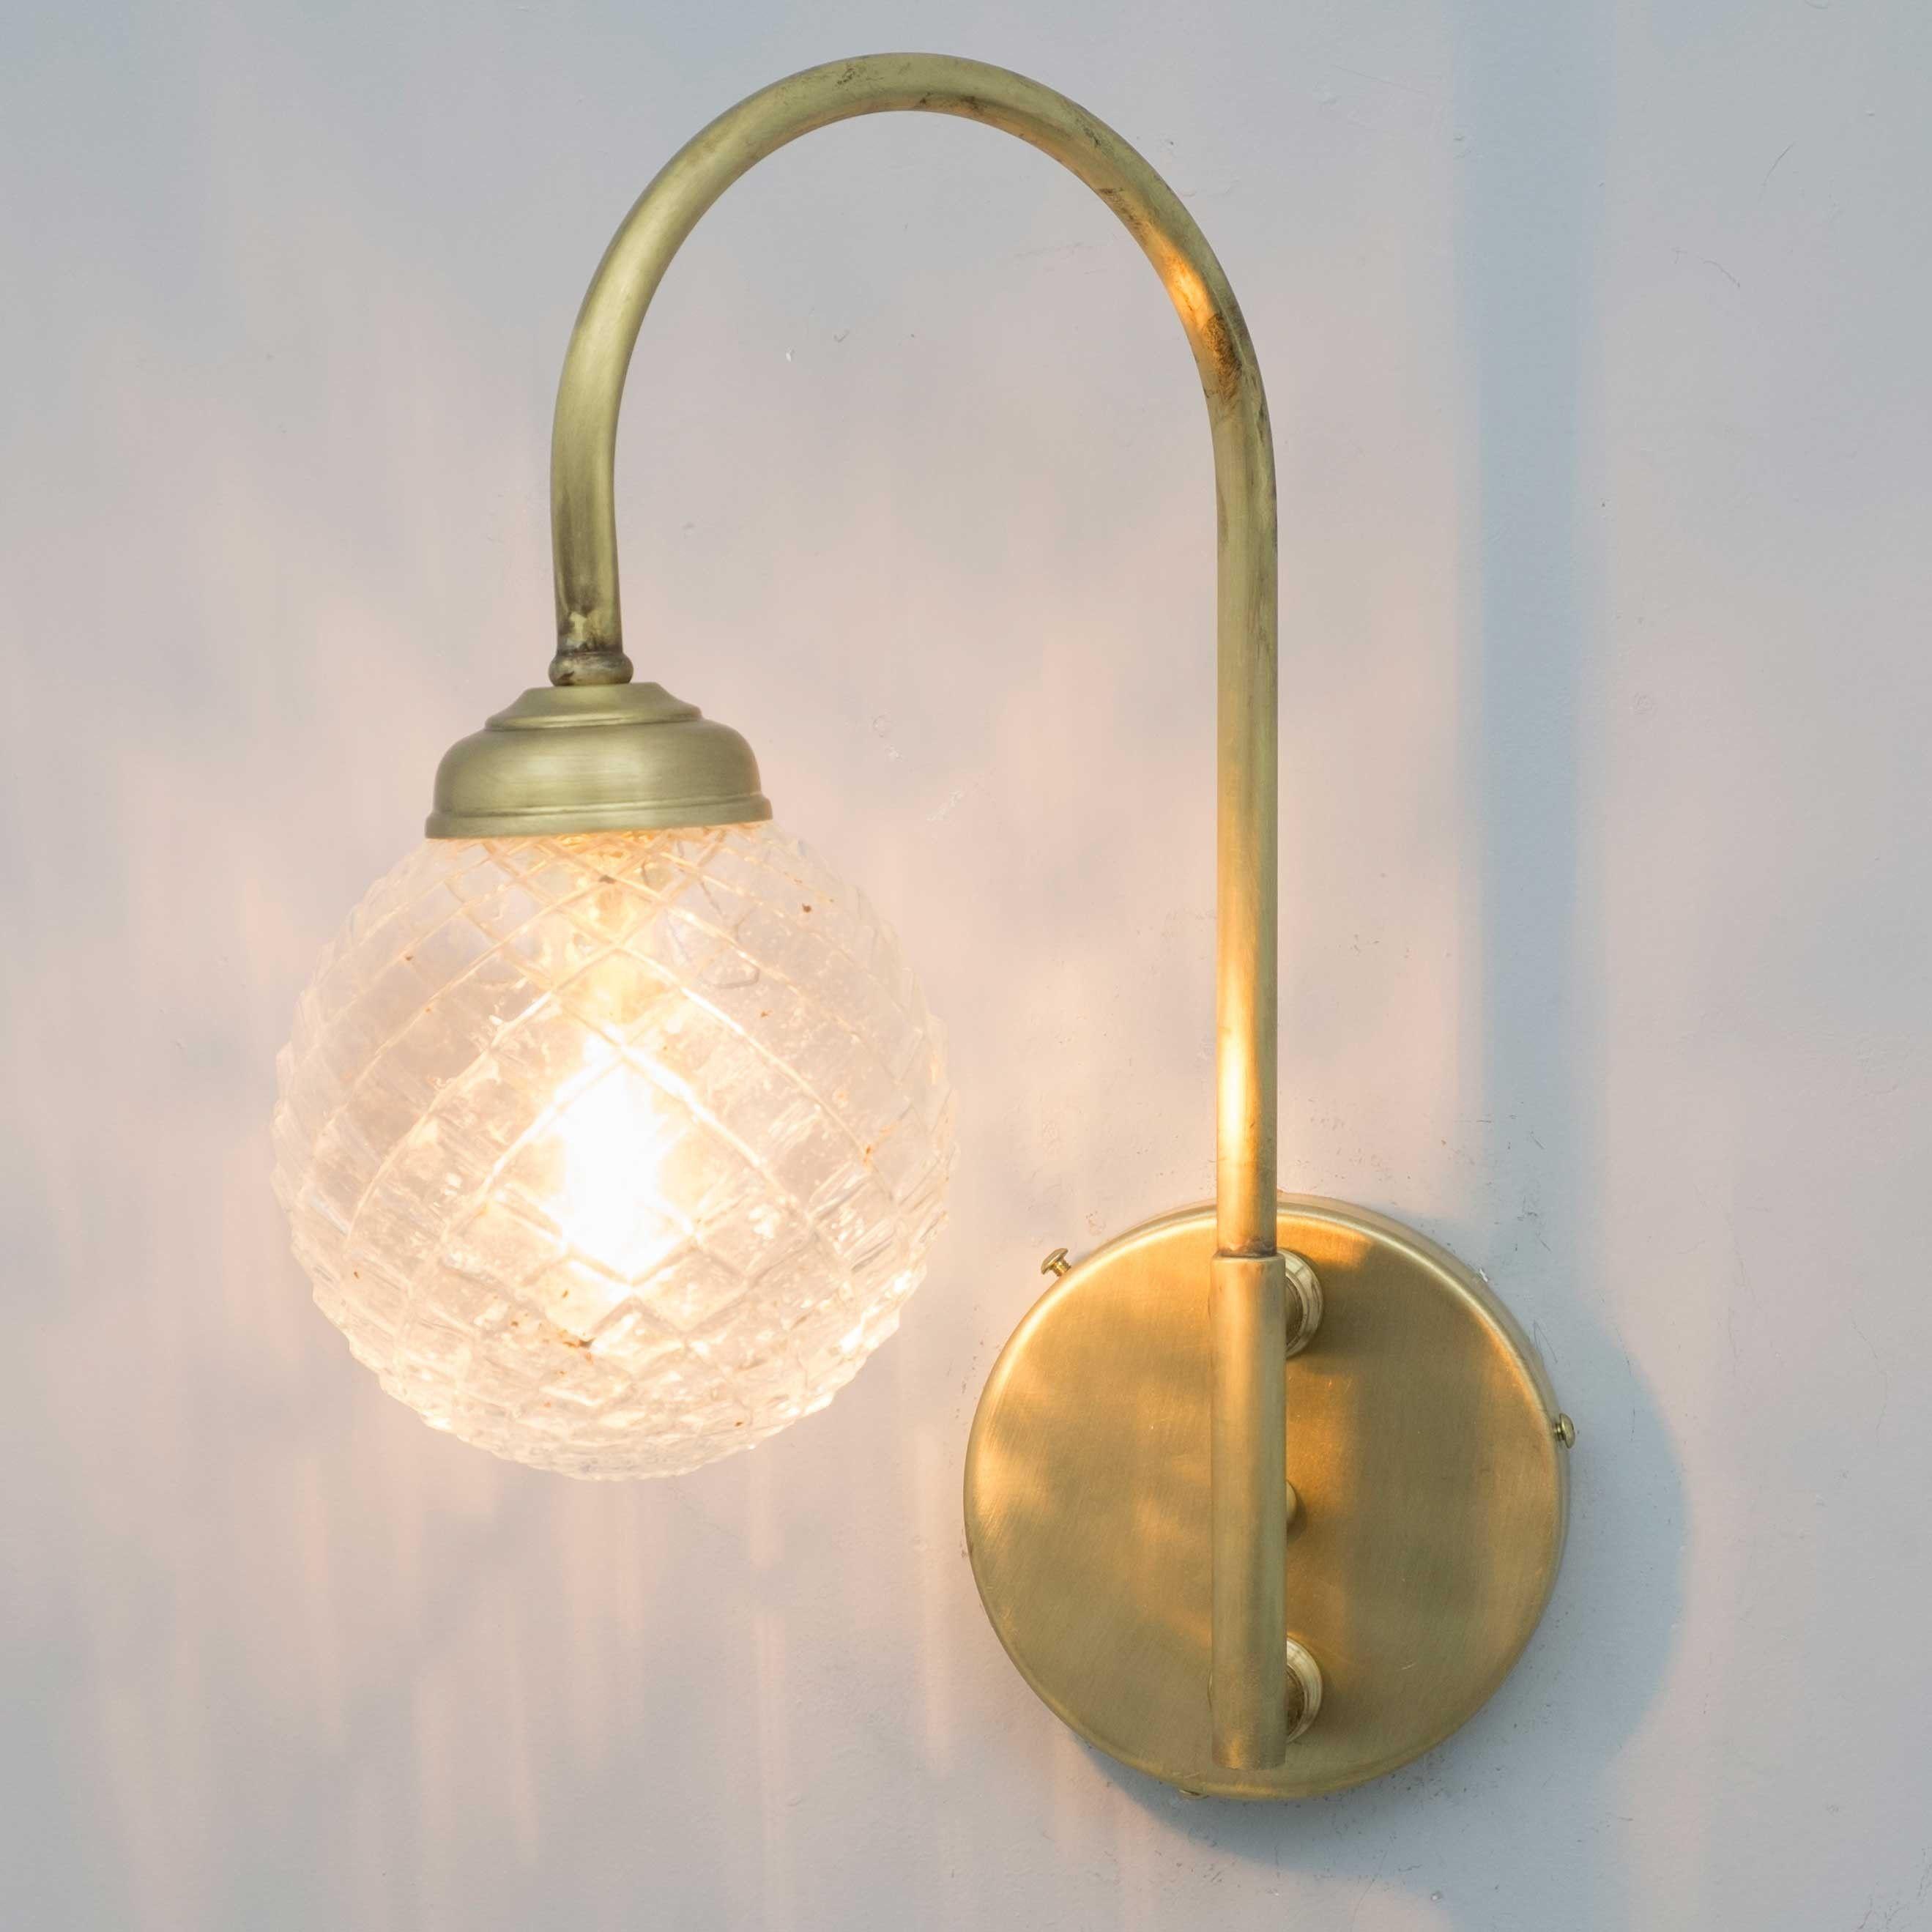 Aplique De Pared Vintage Bola Cristal Elaine Apliques De Pared Iluminacion De Pared Bola De Cristal